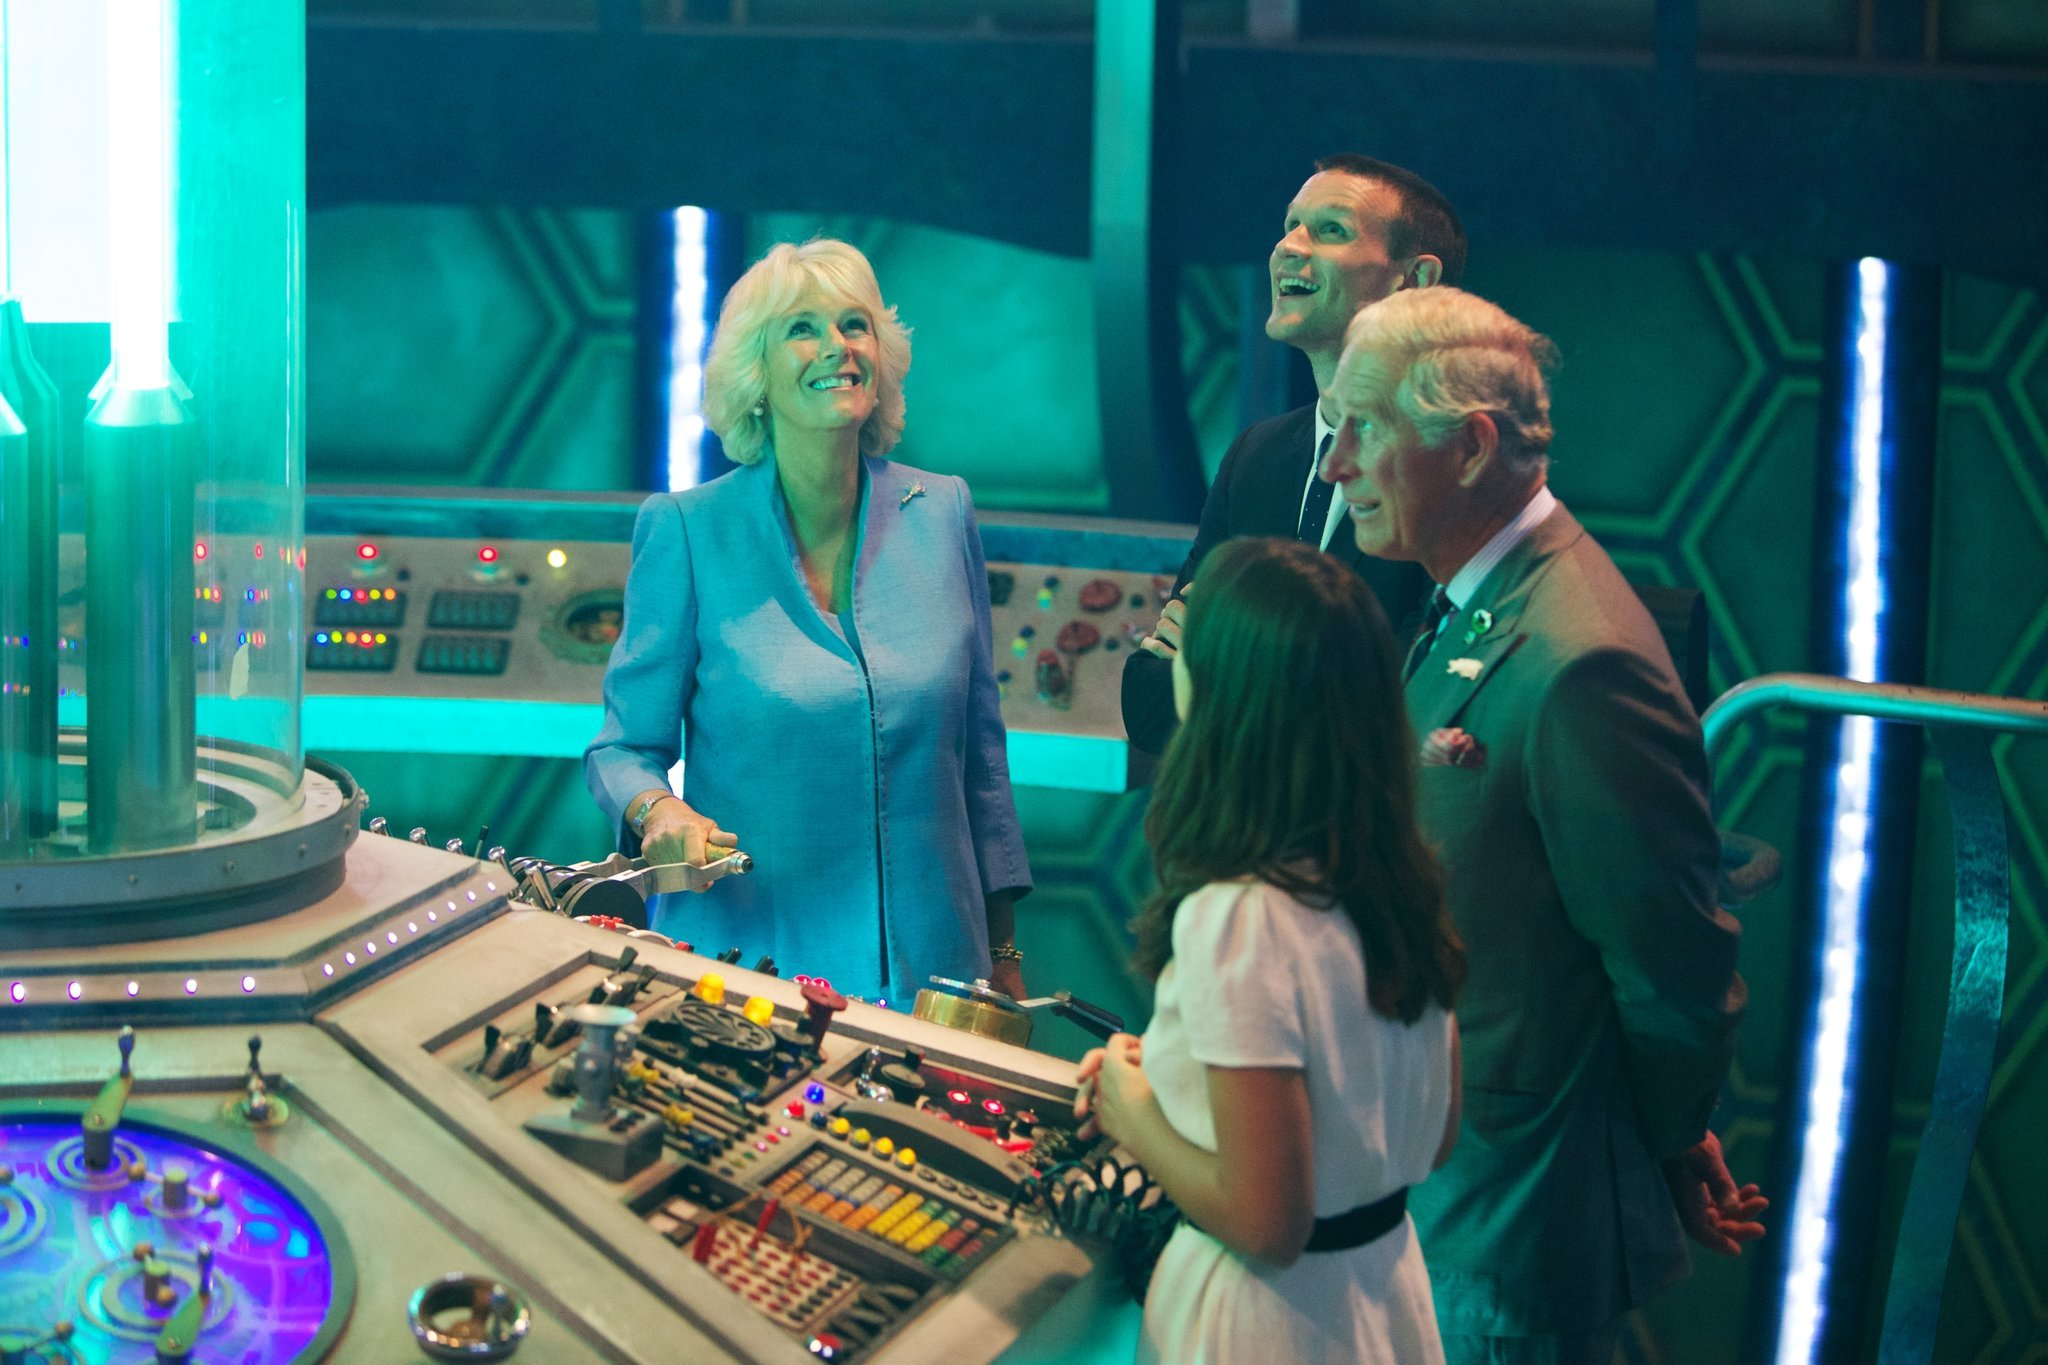 Принц Чарльз и герцогиня Камилла на съемочной площадке сериала